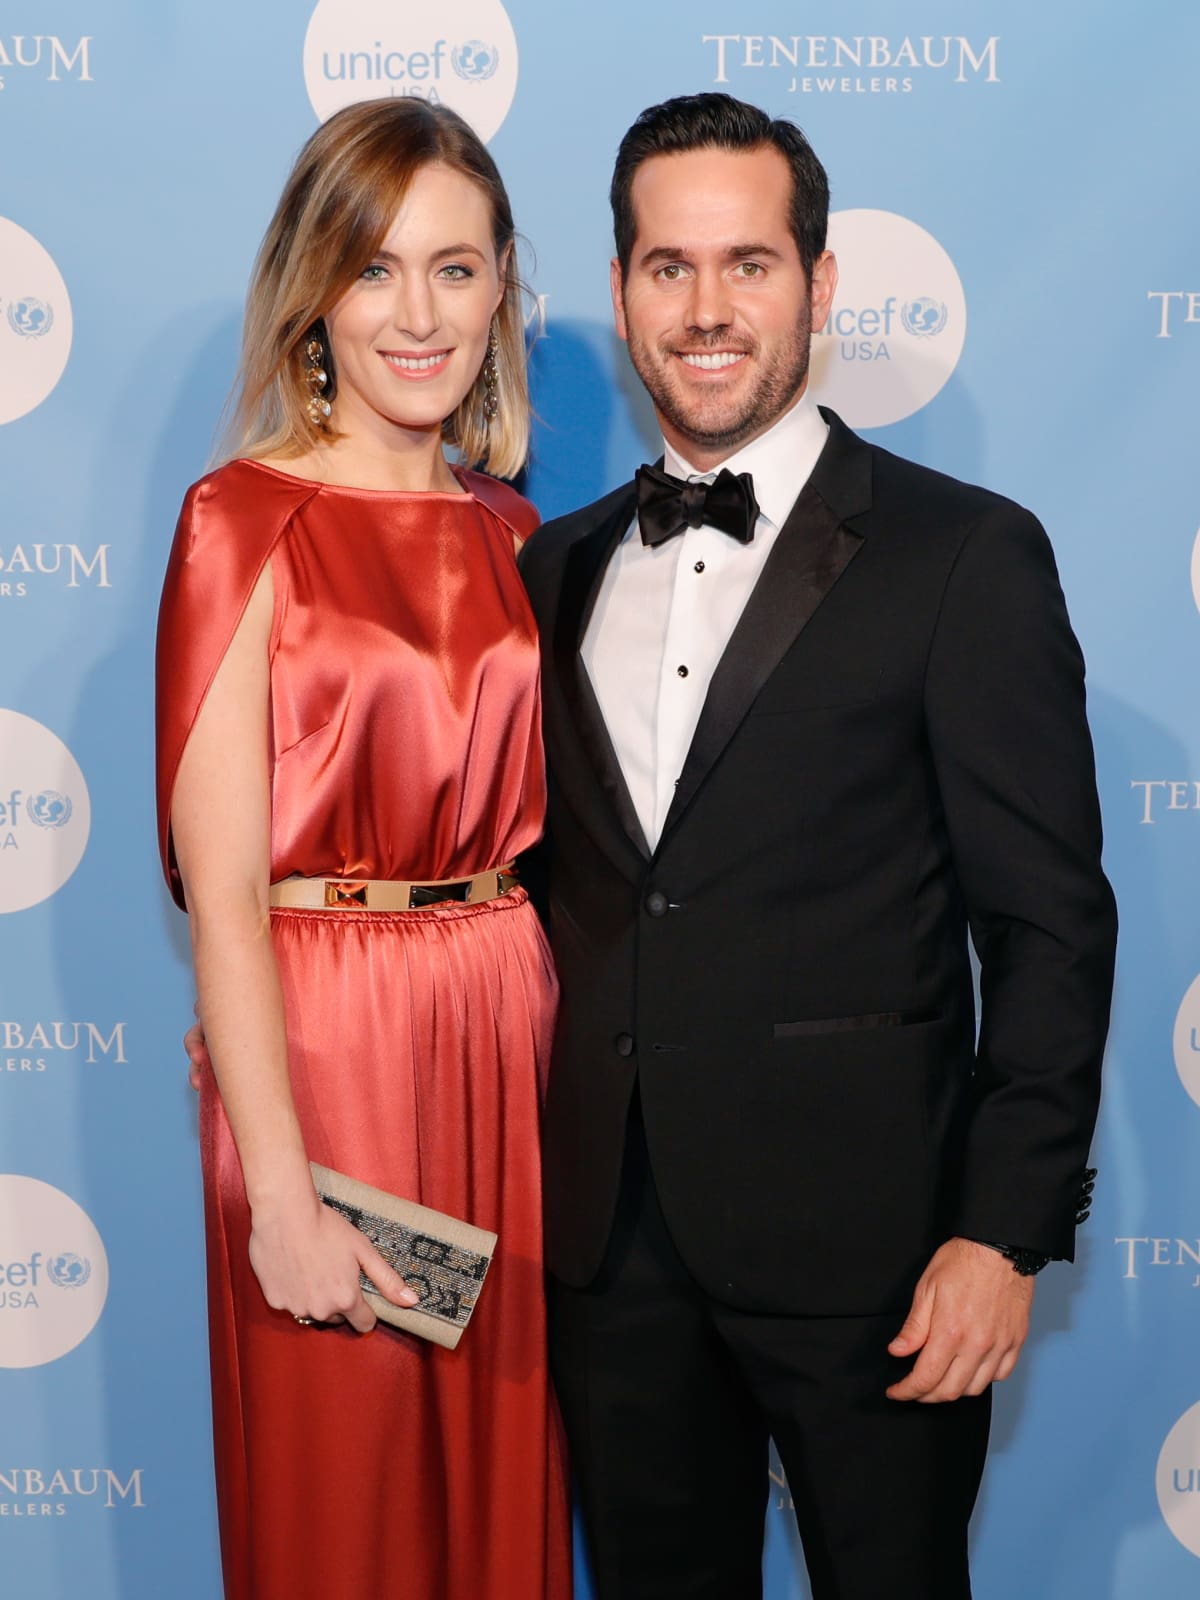 Houston UNICEF gala